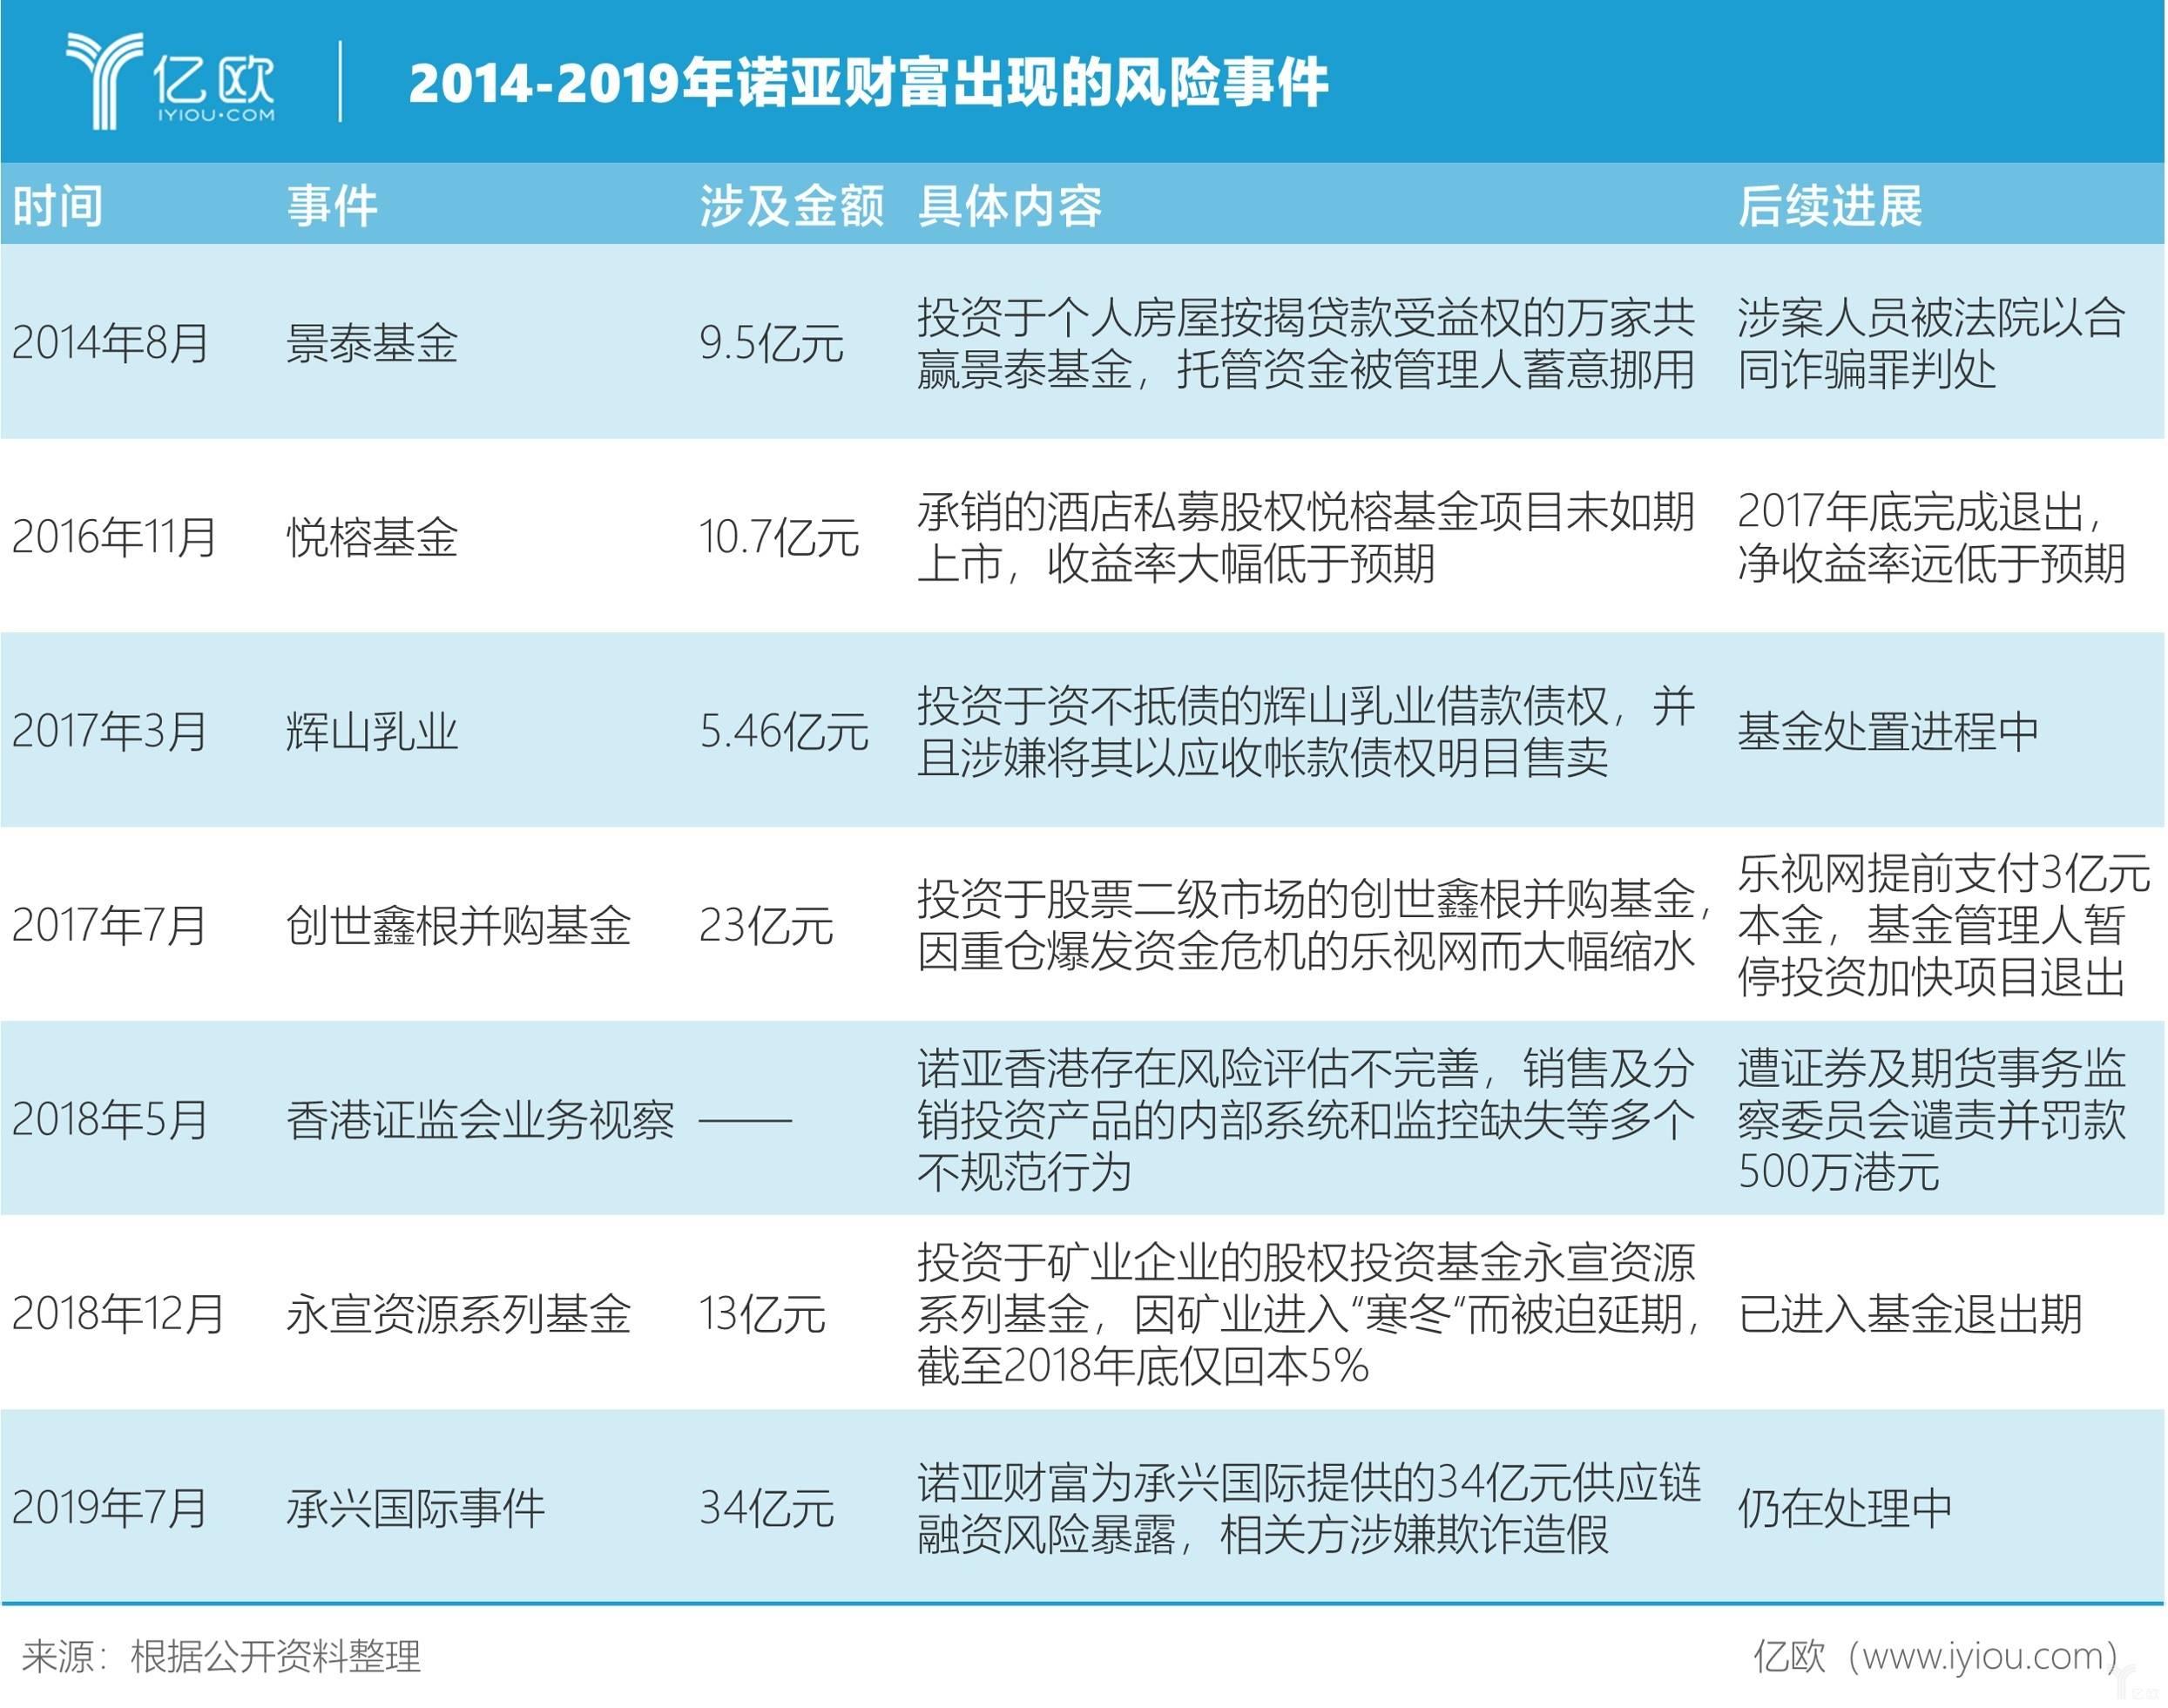 亿欧智库:2014-2019年诺亚财富出现的风险事件